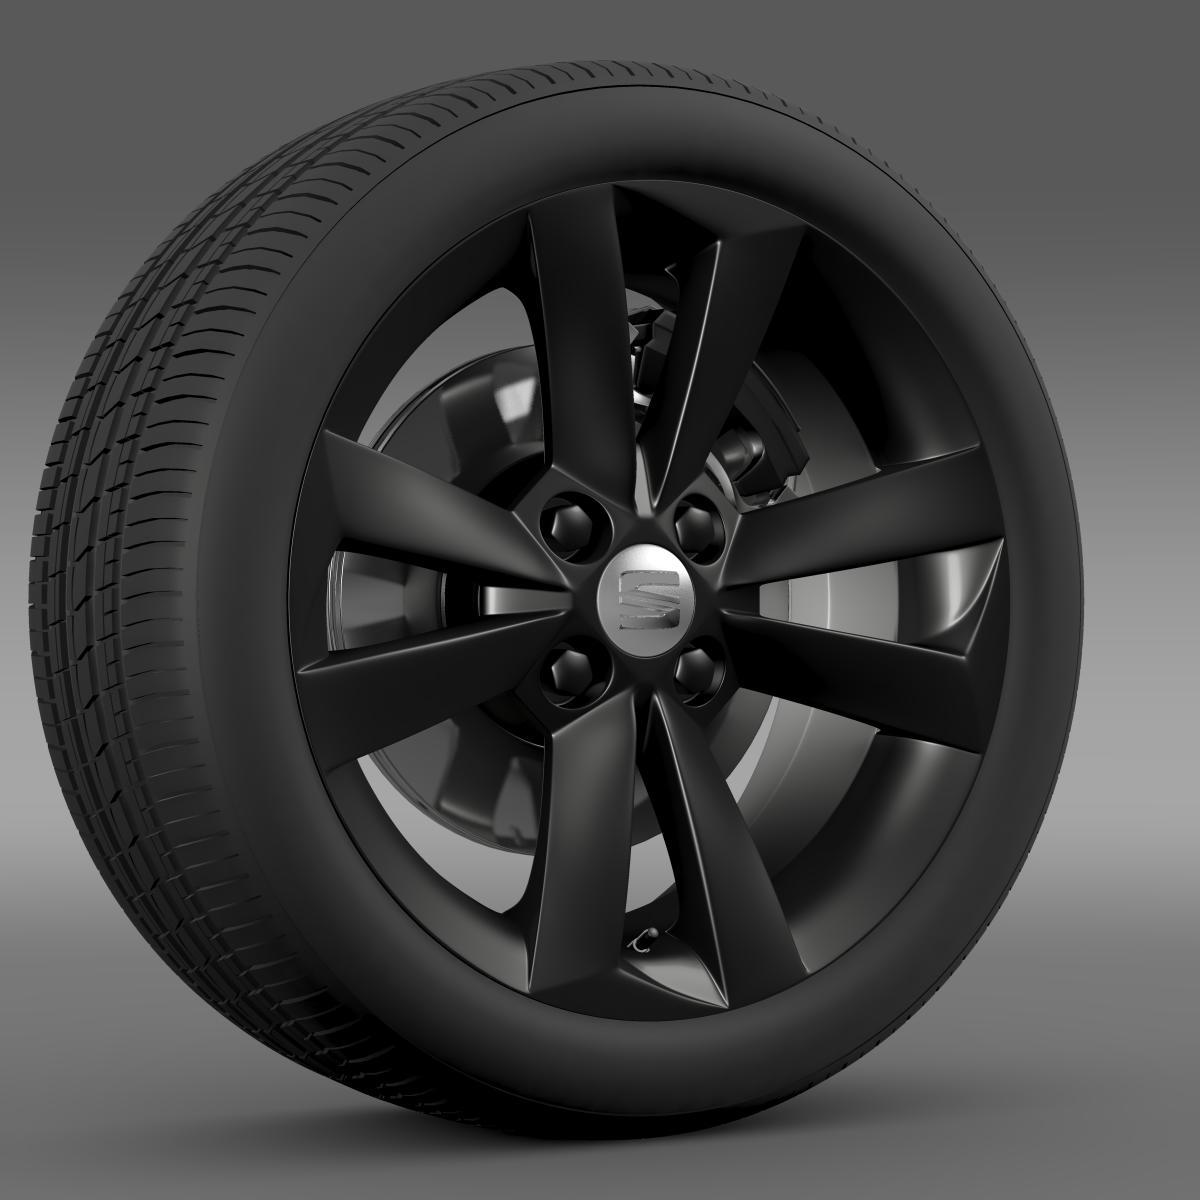 seat mii vibora negra wheel 3d model 3ds max fbx c4d lwo ma mb hrc xsi obj 210844